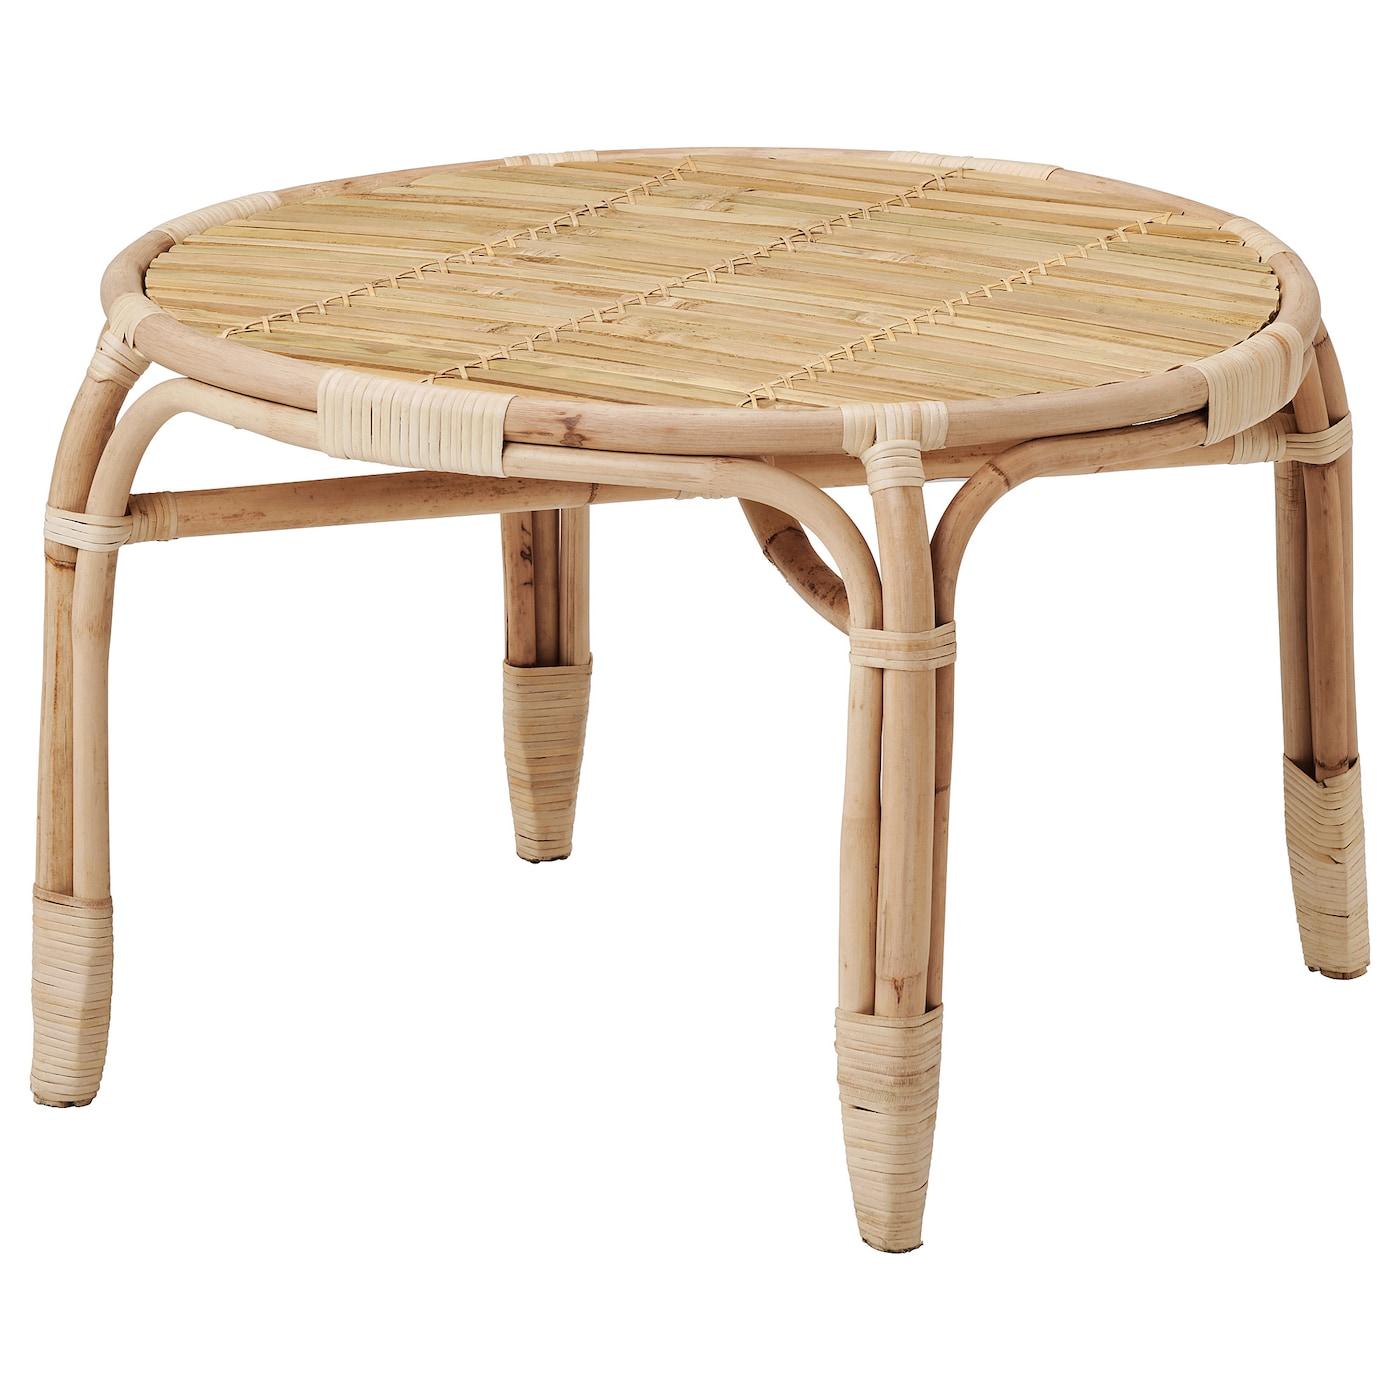 Table Basse Rotin Ikea